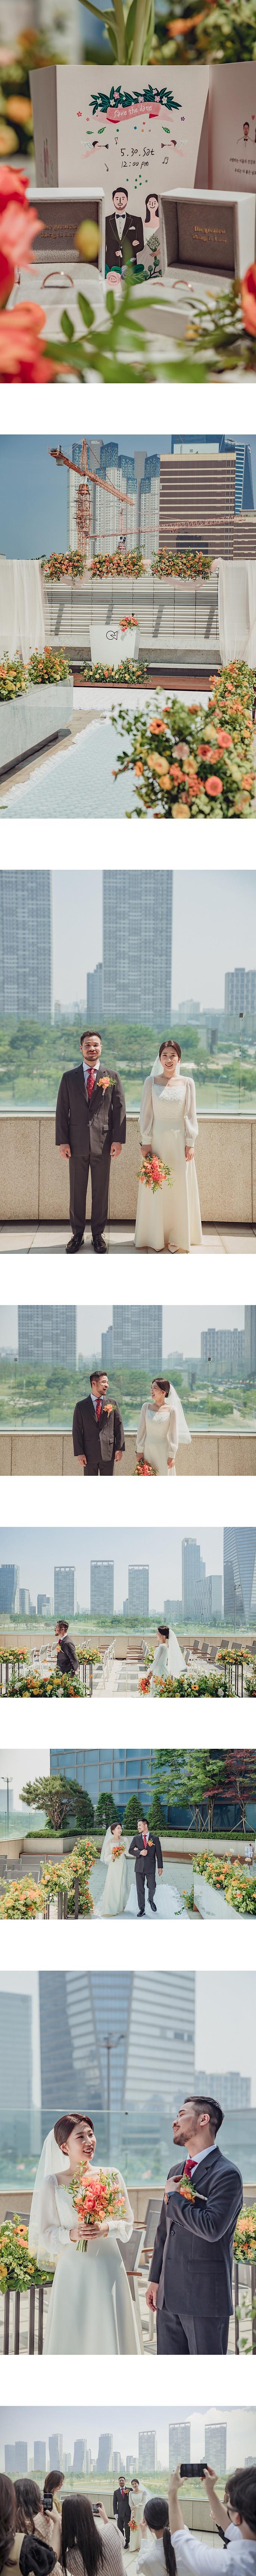 01 야외결혼식 식전 01 (1)-vert.jpg